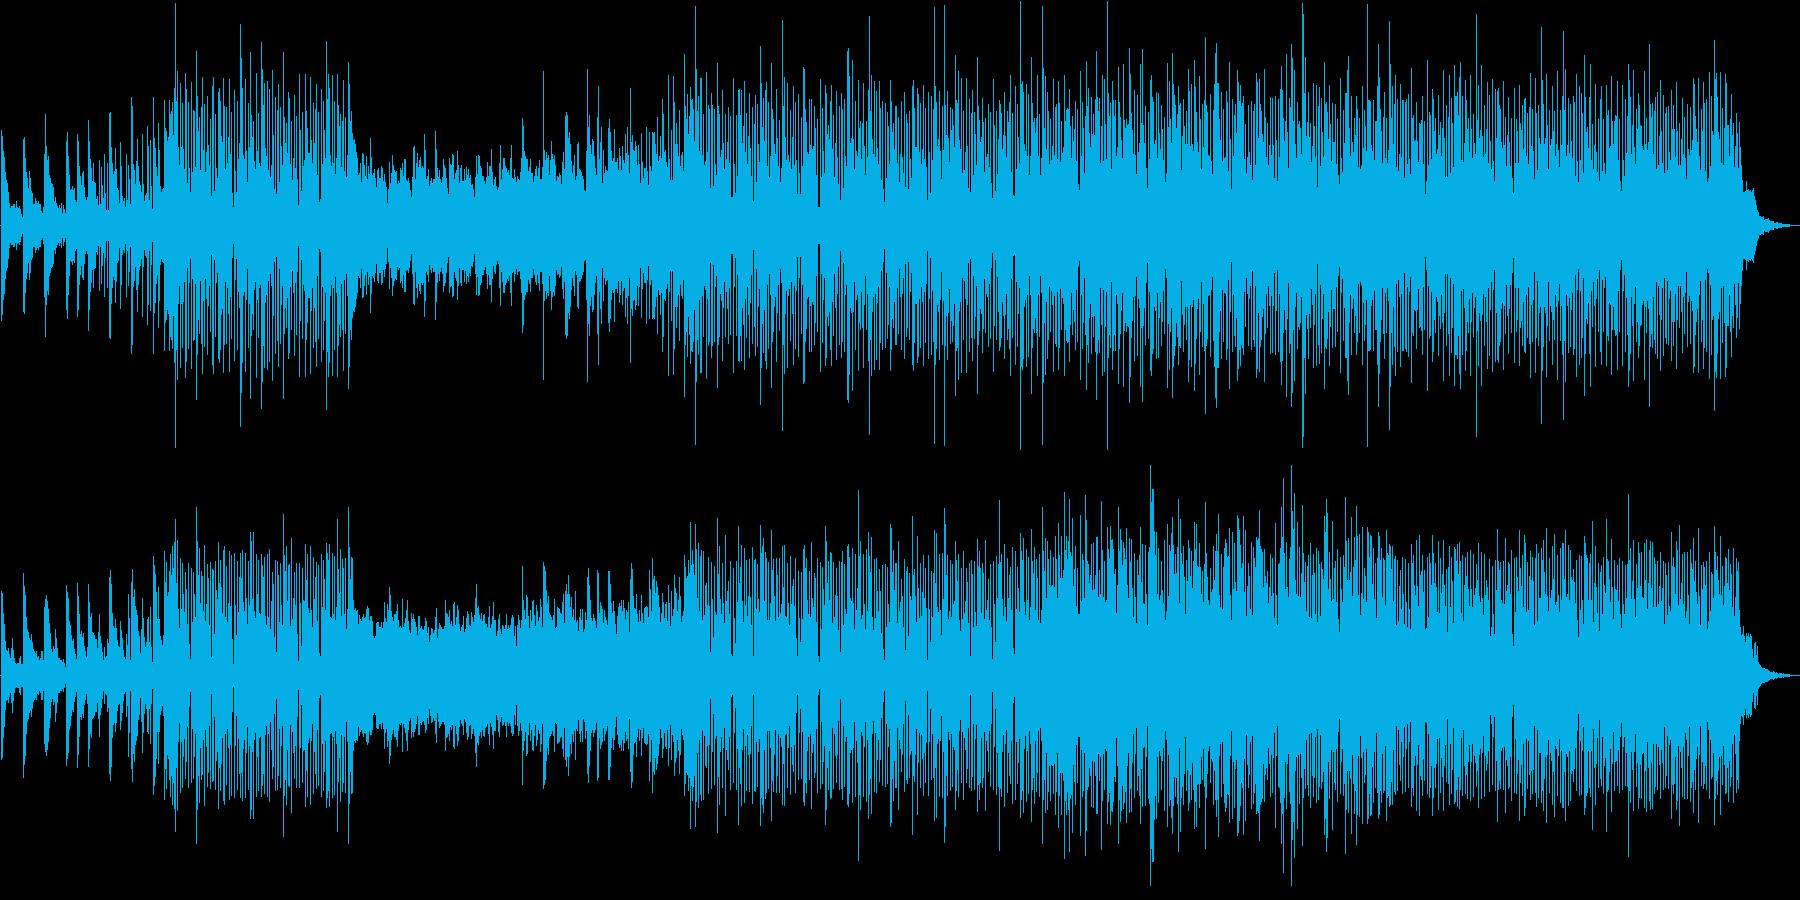 『心の温度ちょっと高め』軽快なポップスの再生済みの波形